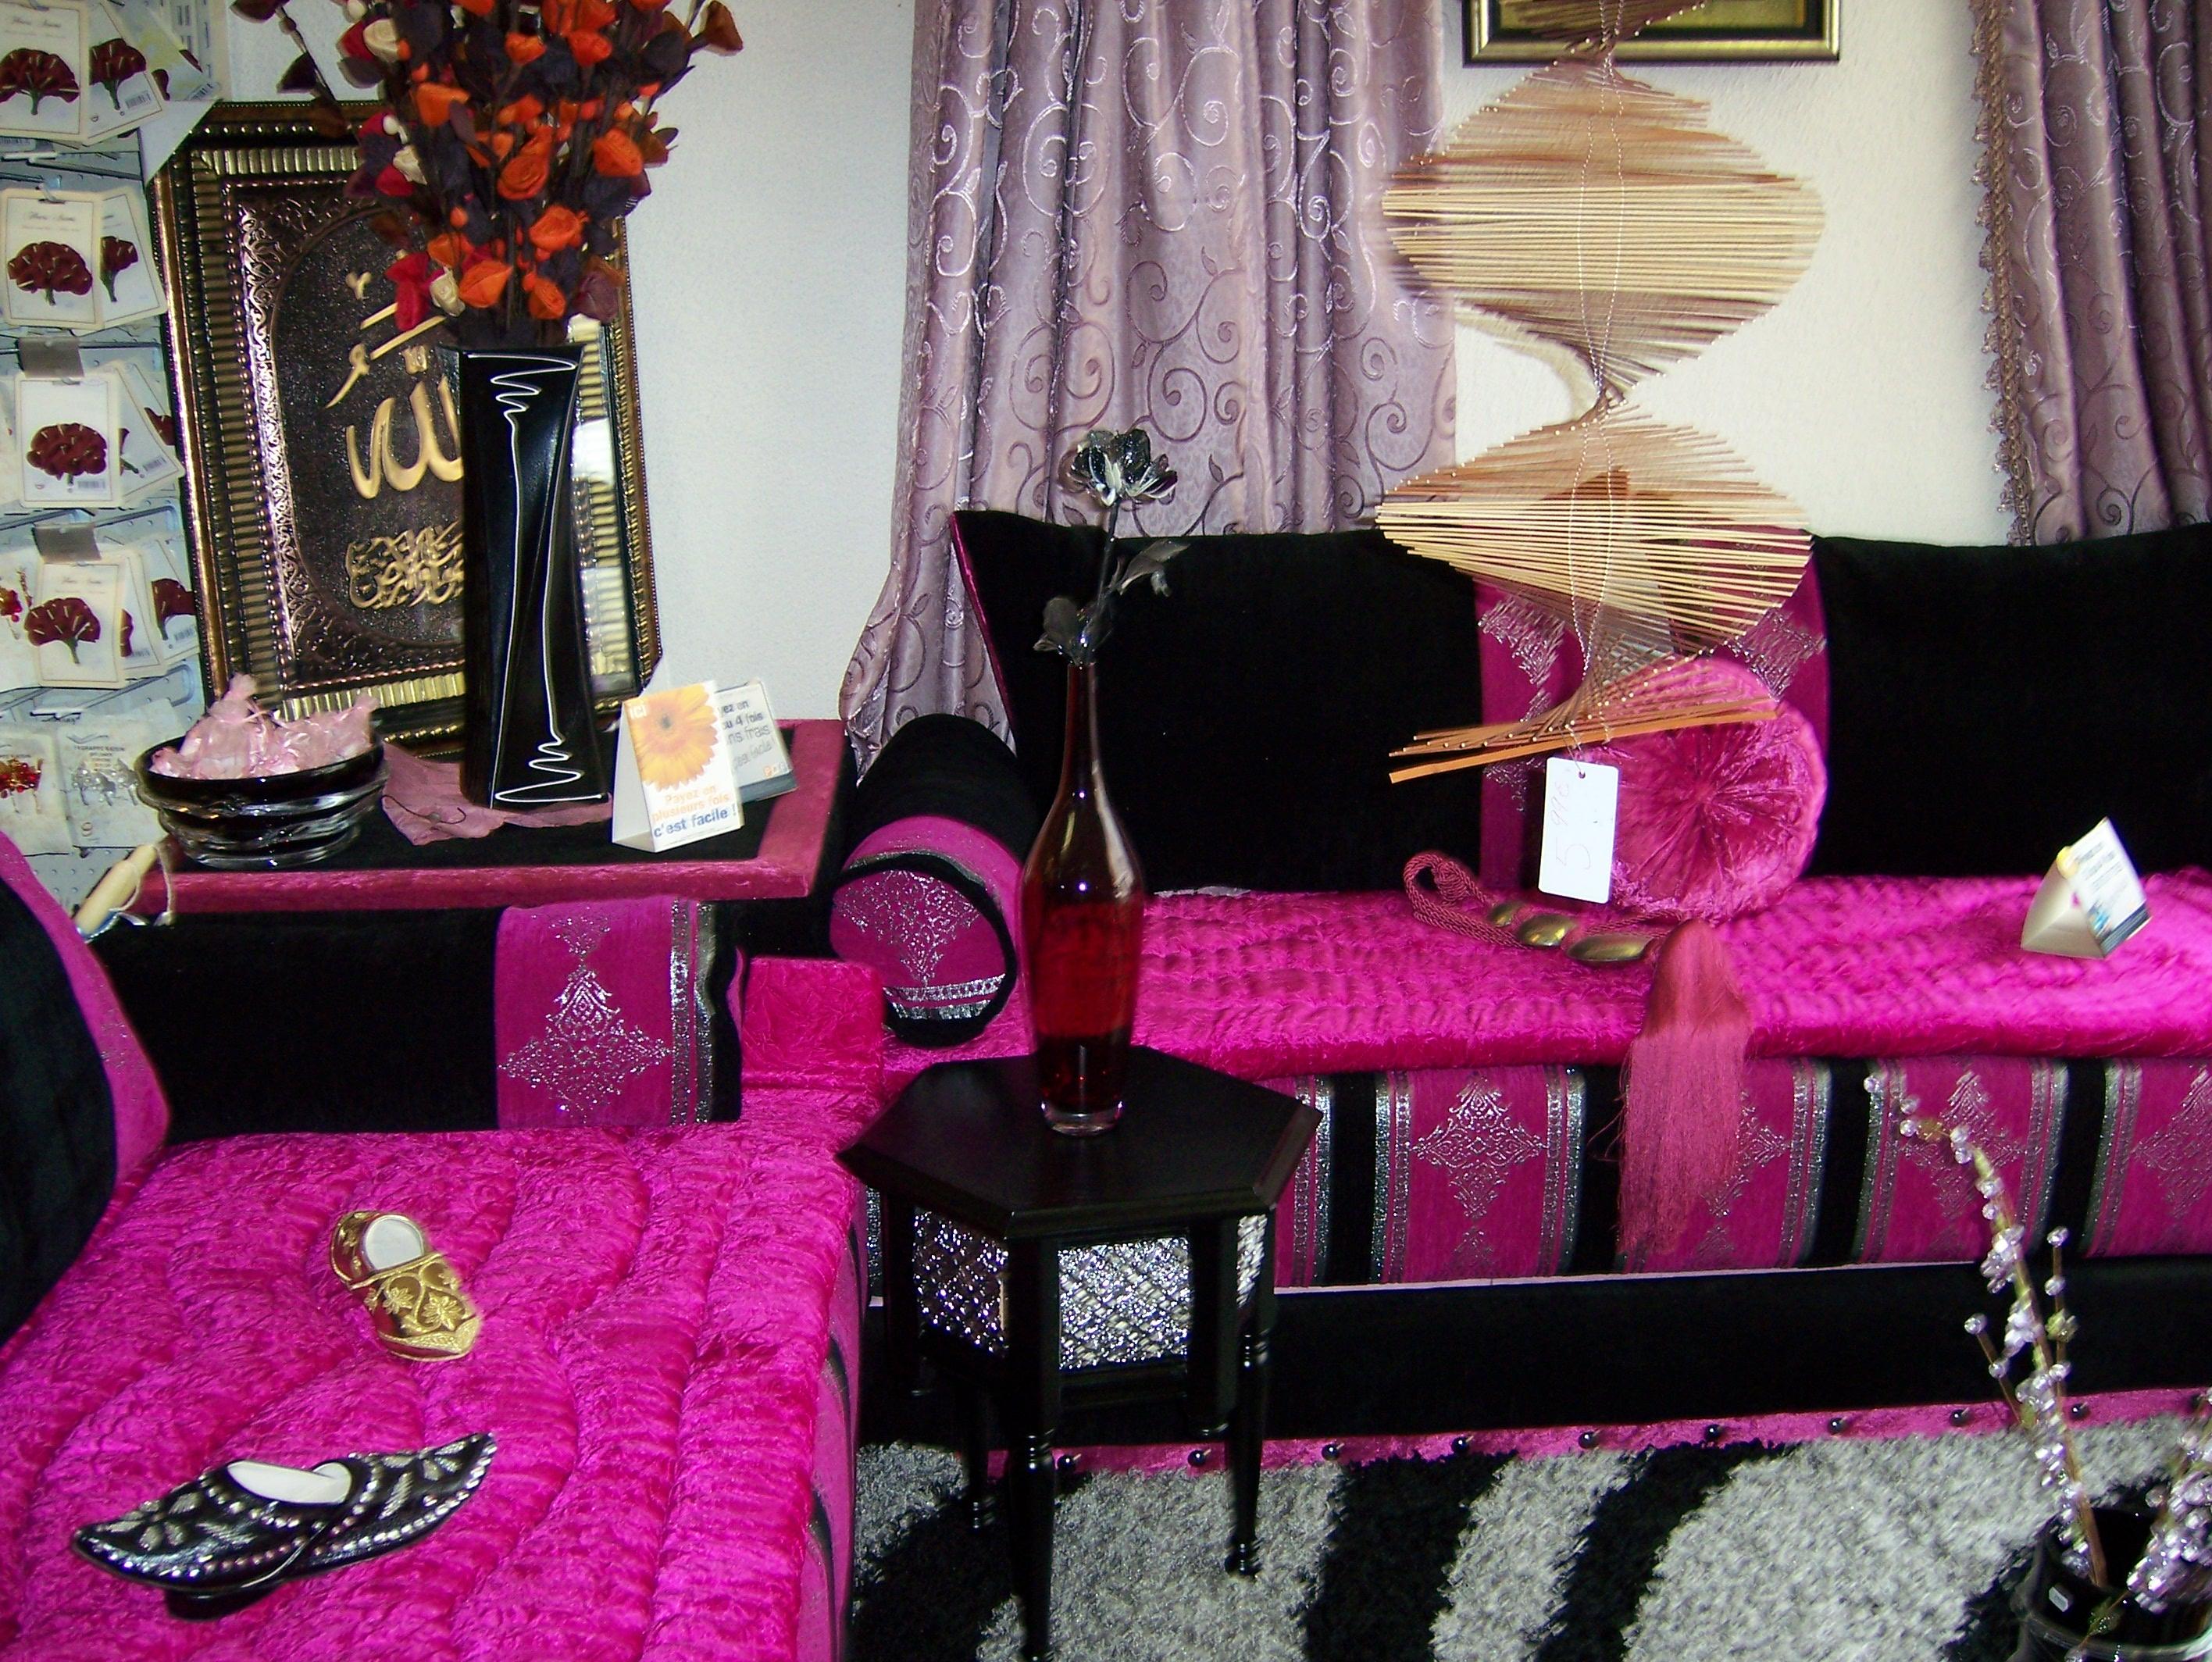 salon marocain moderne lille solutions pour la - Salon Marocain Moderne Lille